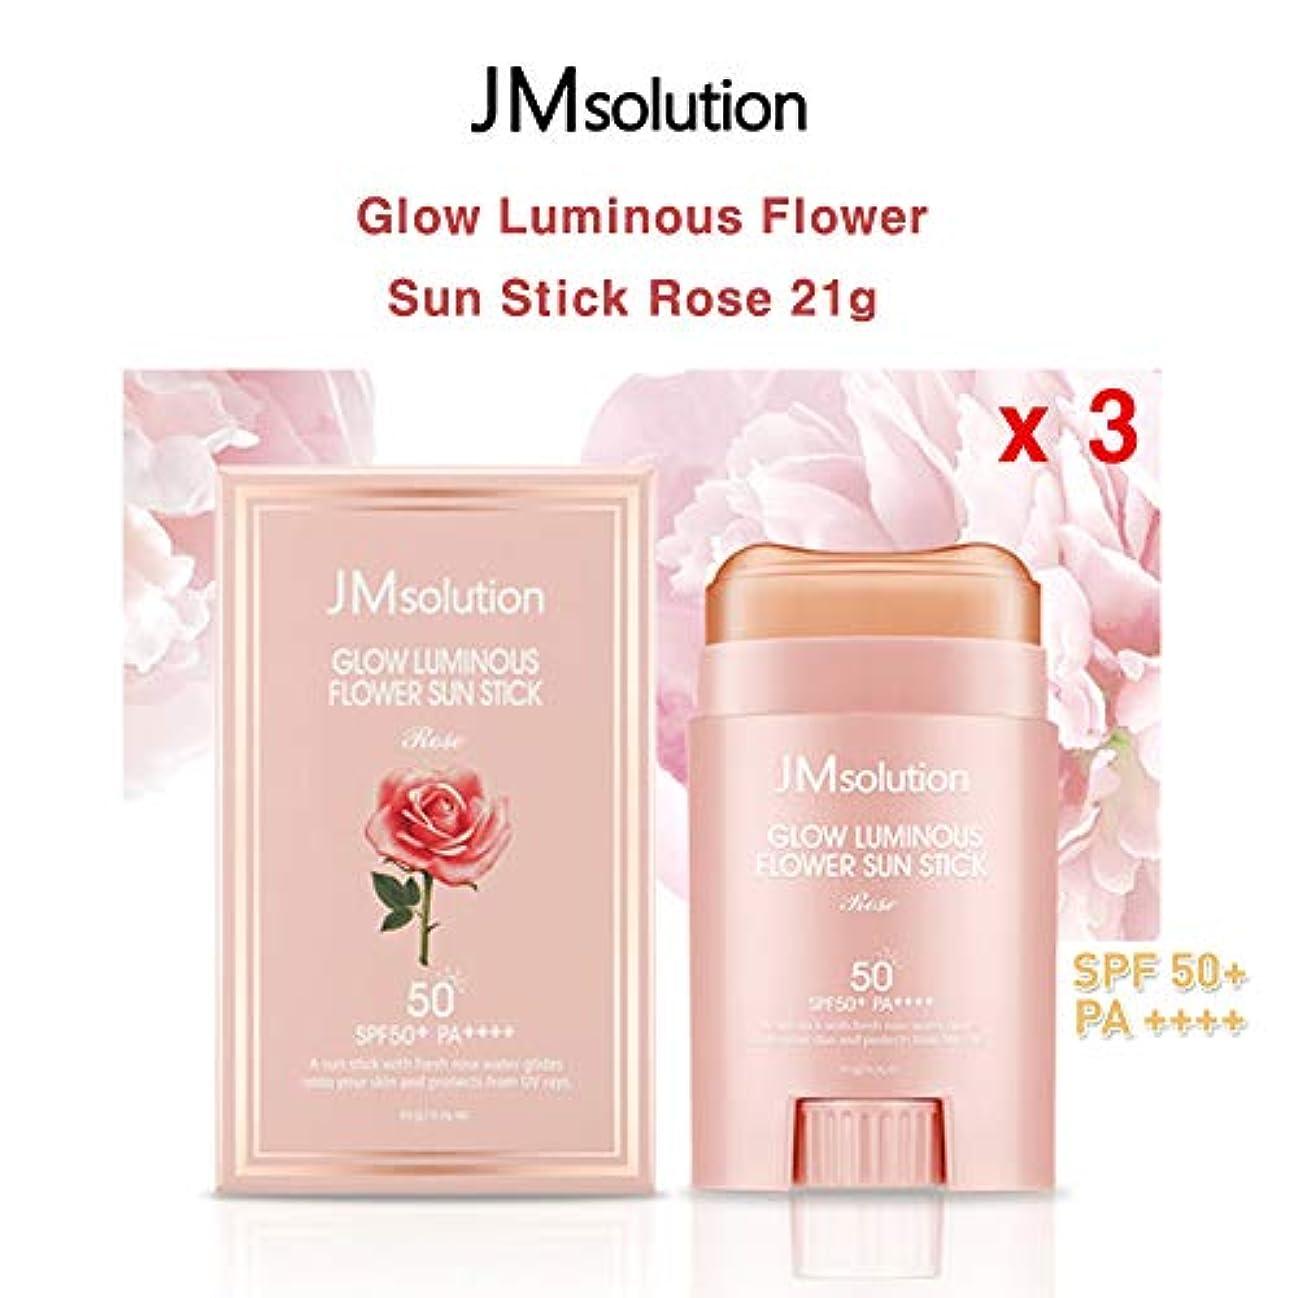 急速なパン宣言JM Solution ★1+1+1★ Glow Luminous Flower Sun Stick Rose 21g (spf50 PA) 光る輝く花Sun Stick Rose